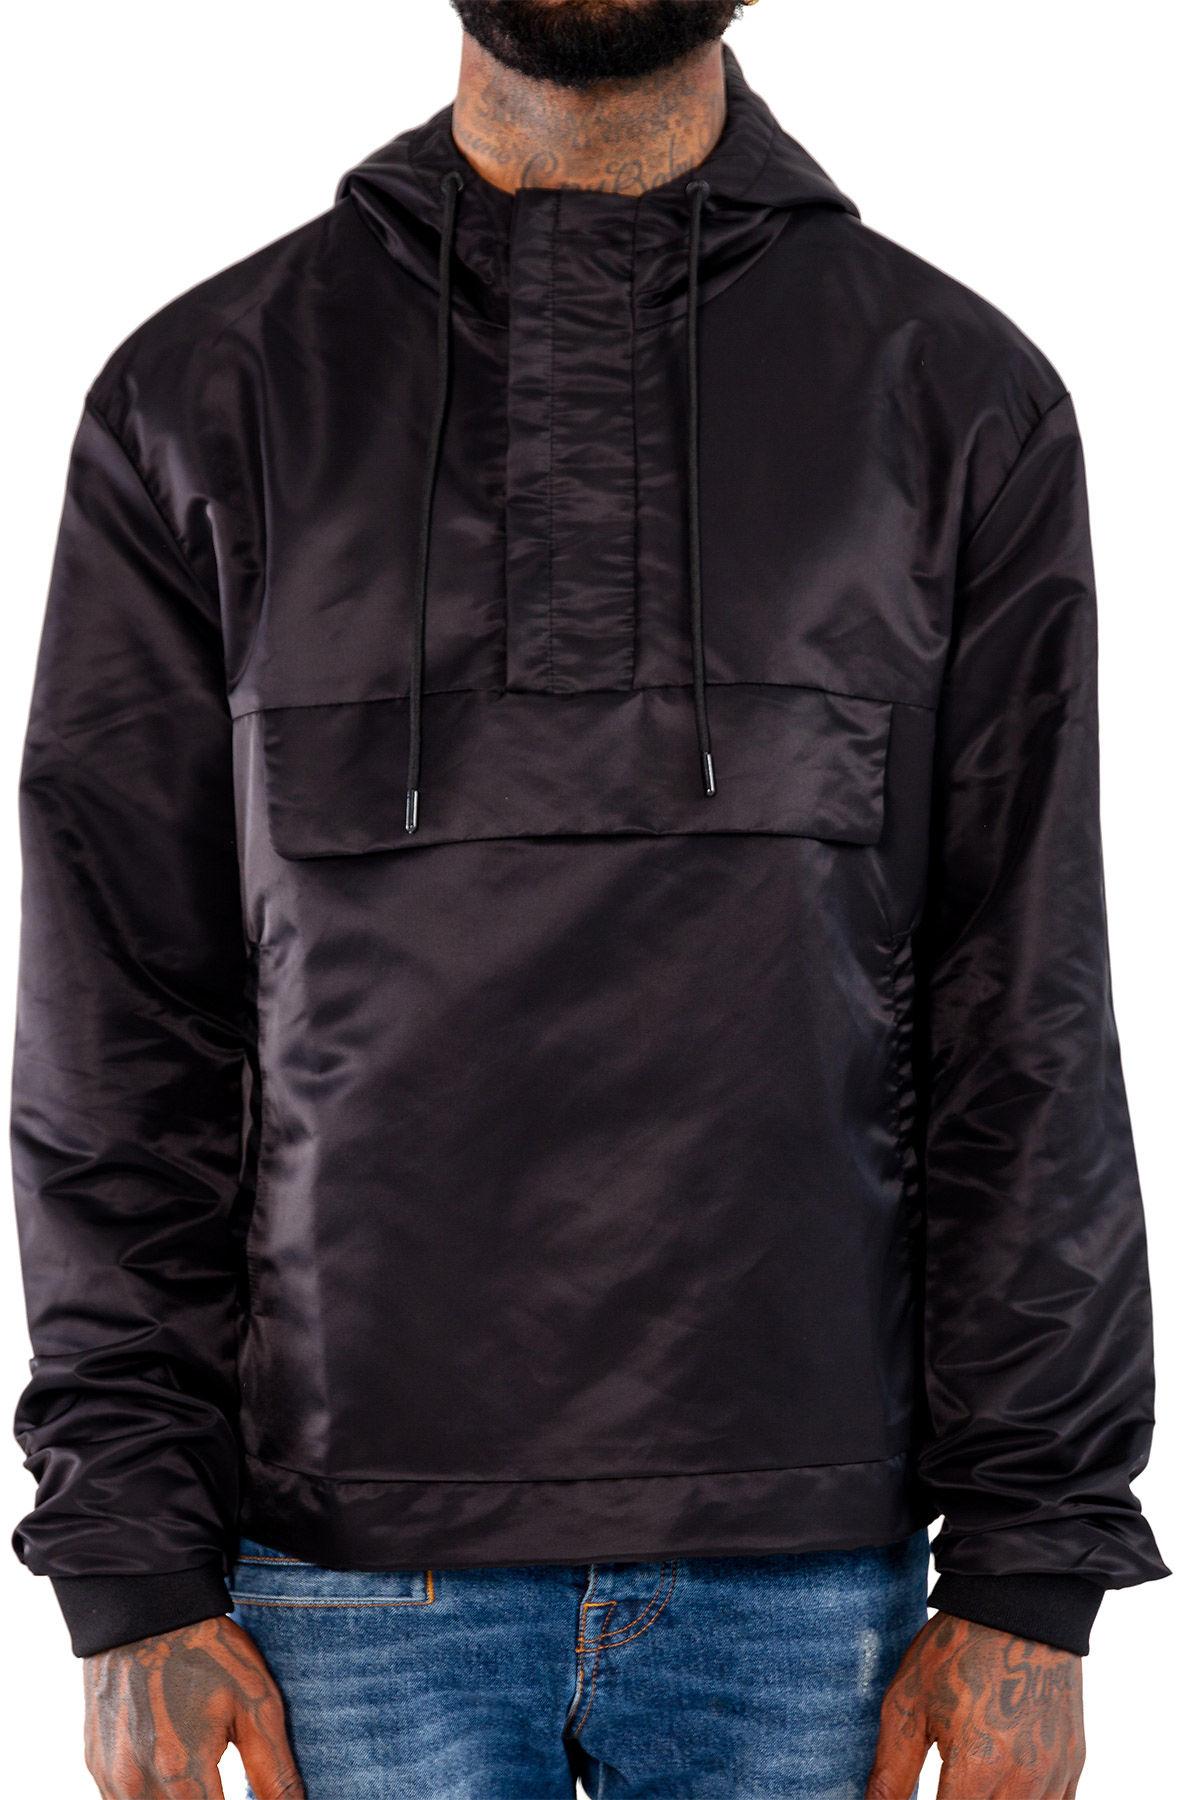 Image of Black Mamba Jacket